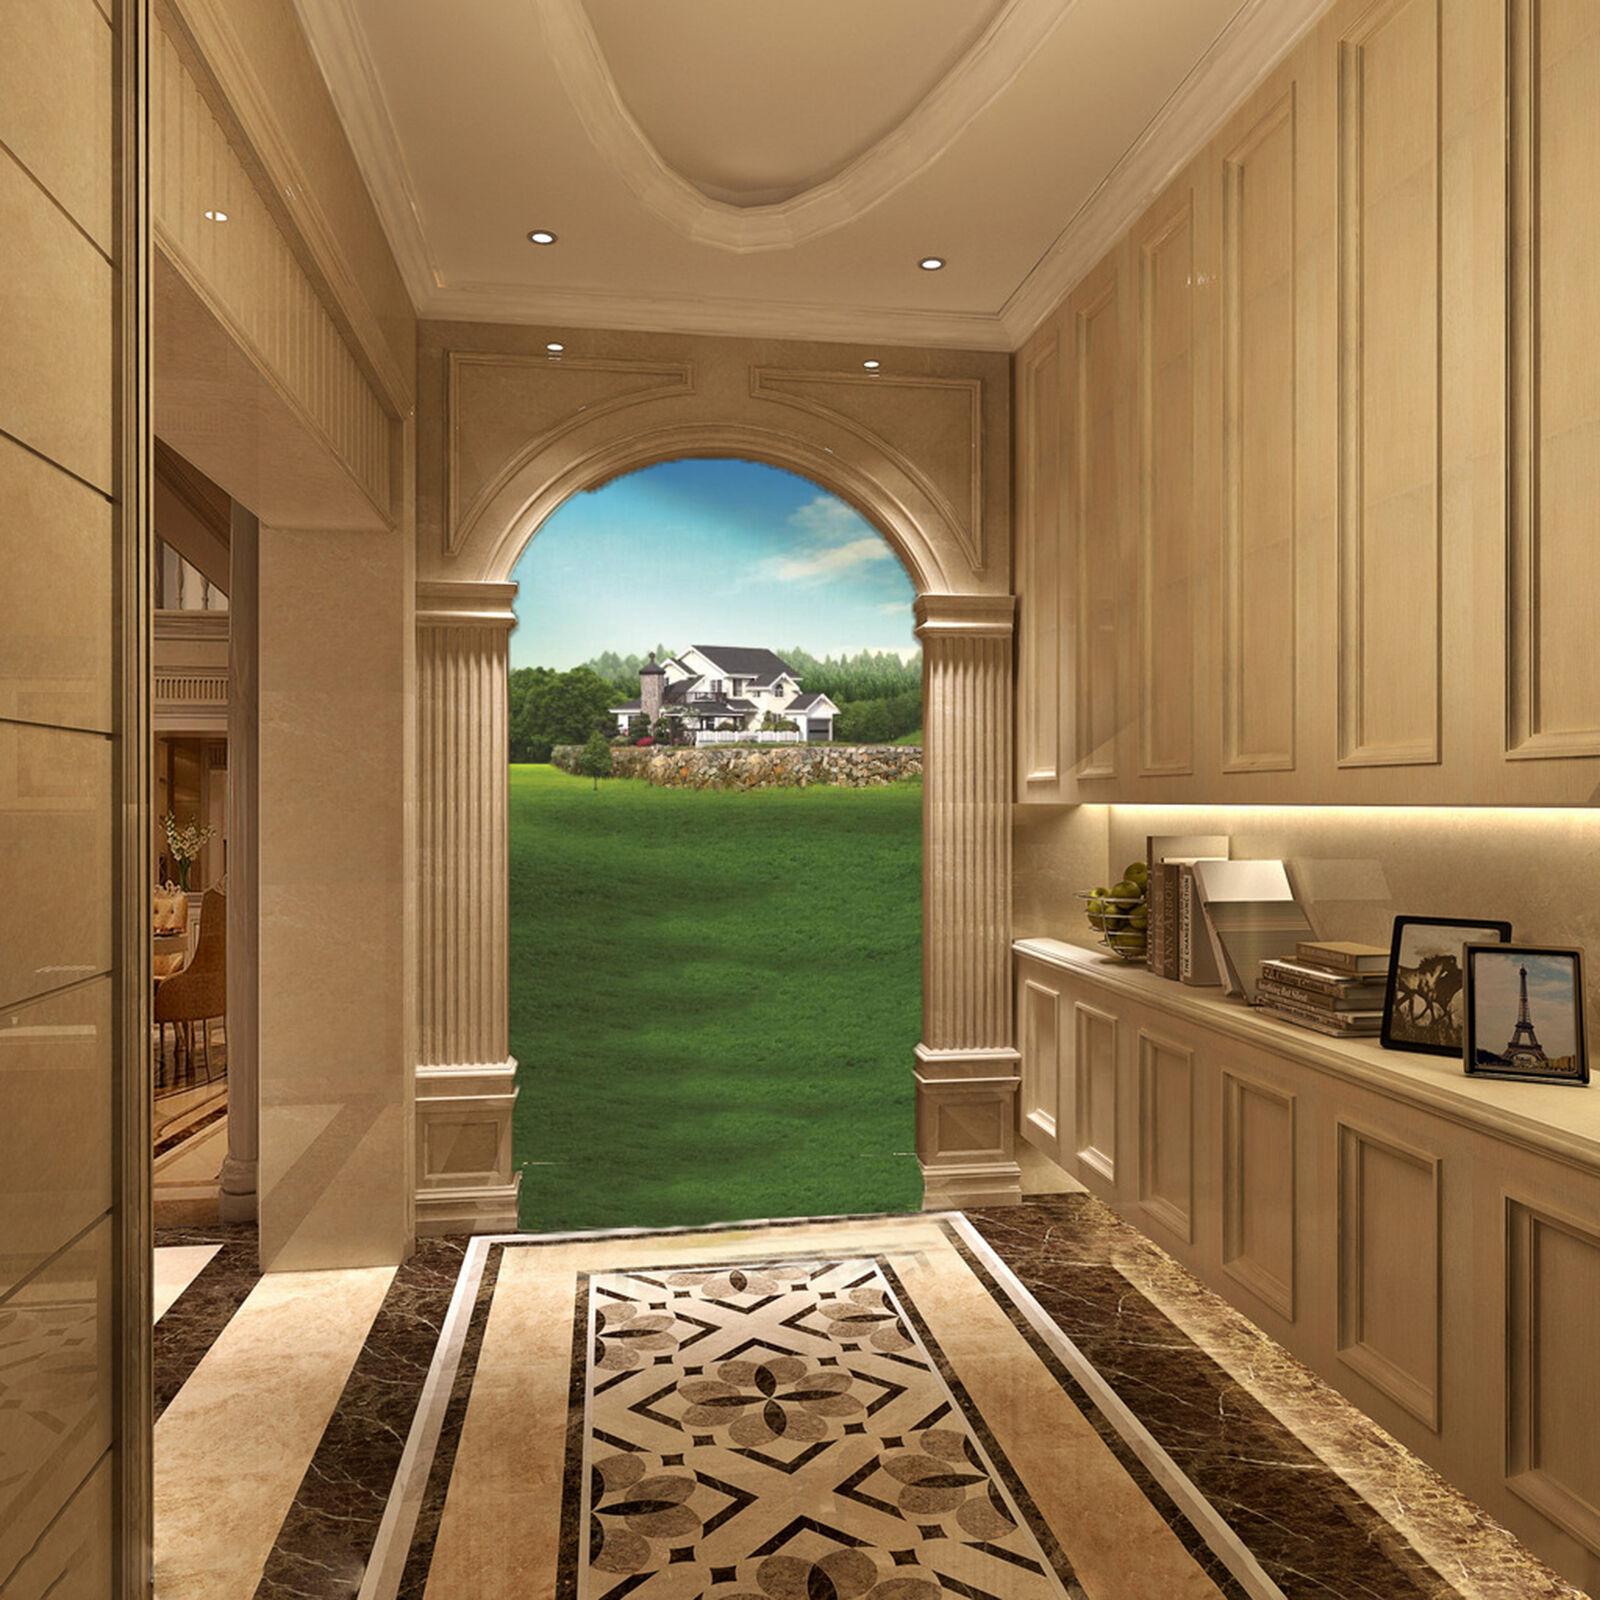 3D Grüne Felder Haus 83 Wandbild Fototapete Bild Tapete Familie Kinder DE Lemon